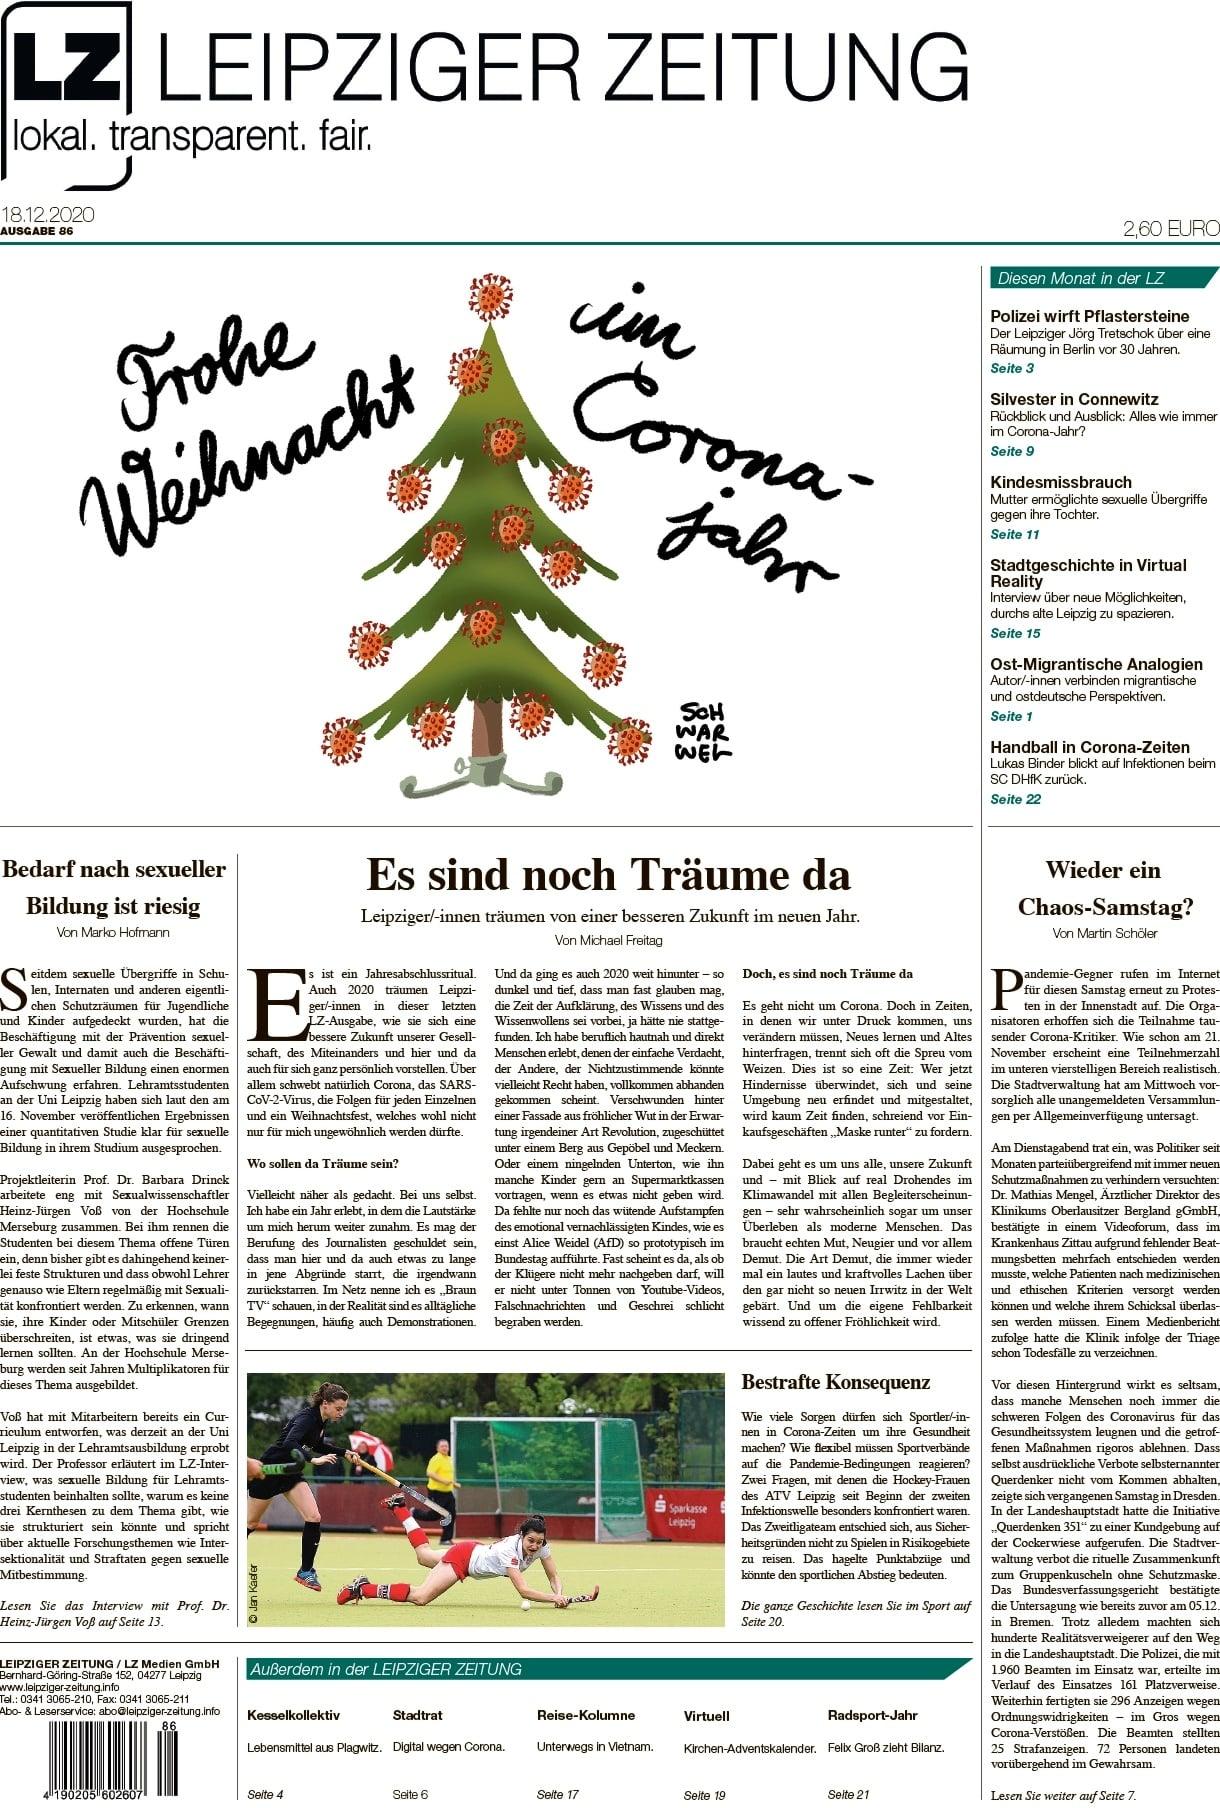 Titelblatt der Dezemberausgabe der LEIPZIGER ZEITUNG 2020